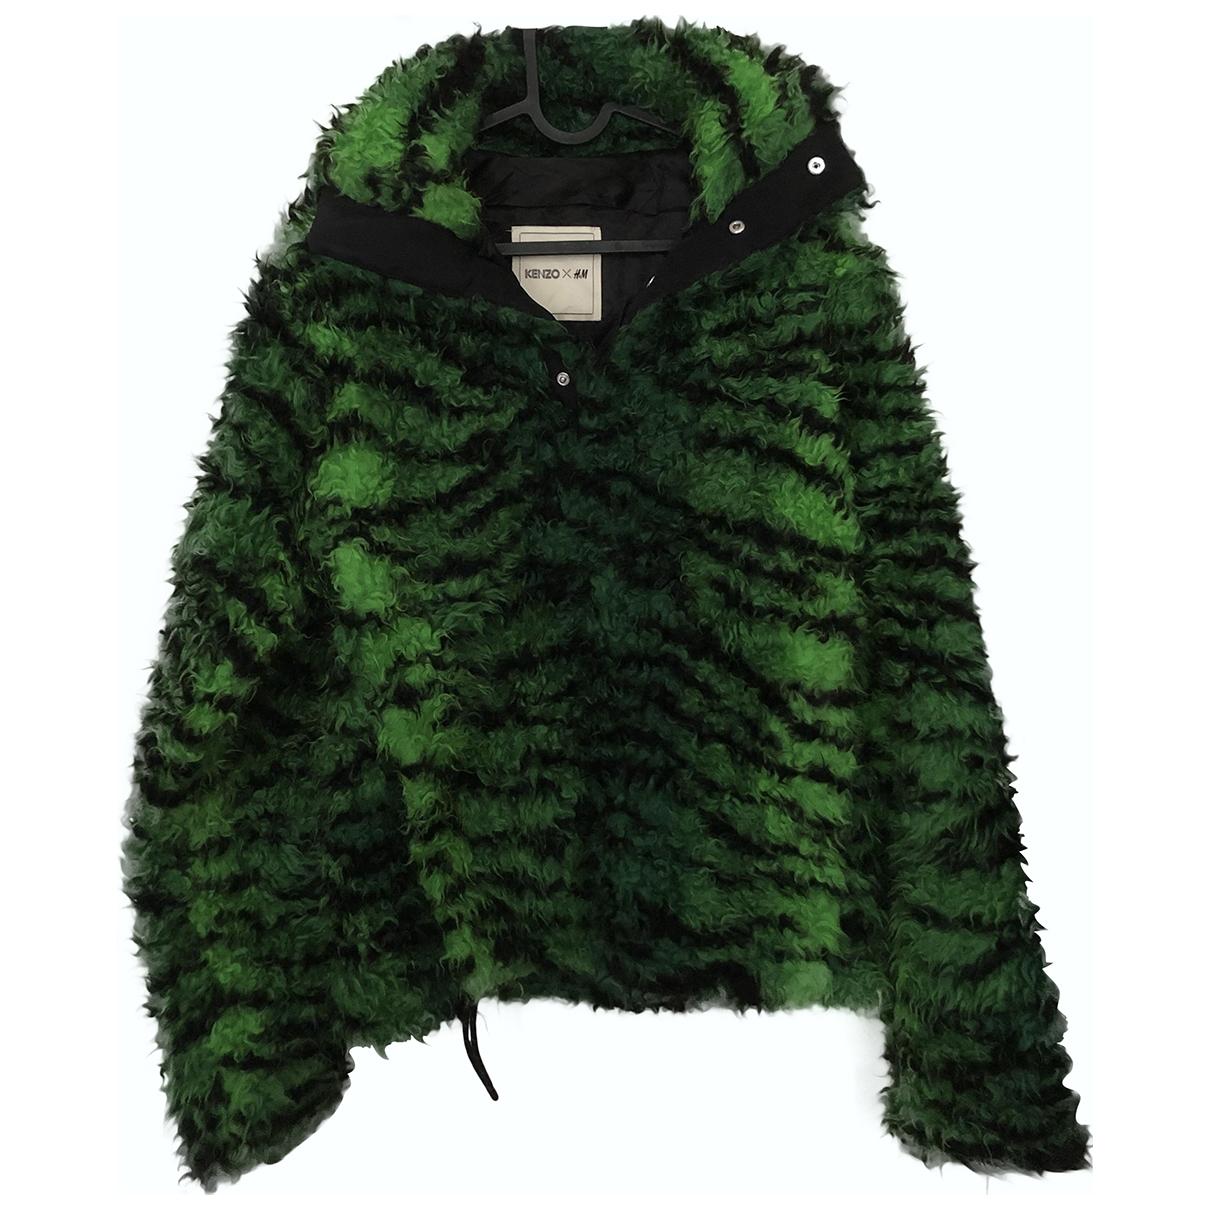 Kenzo X H&m \N Green Knitwear & Sweatshirts for Men S International